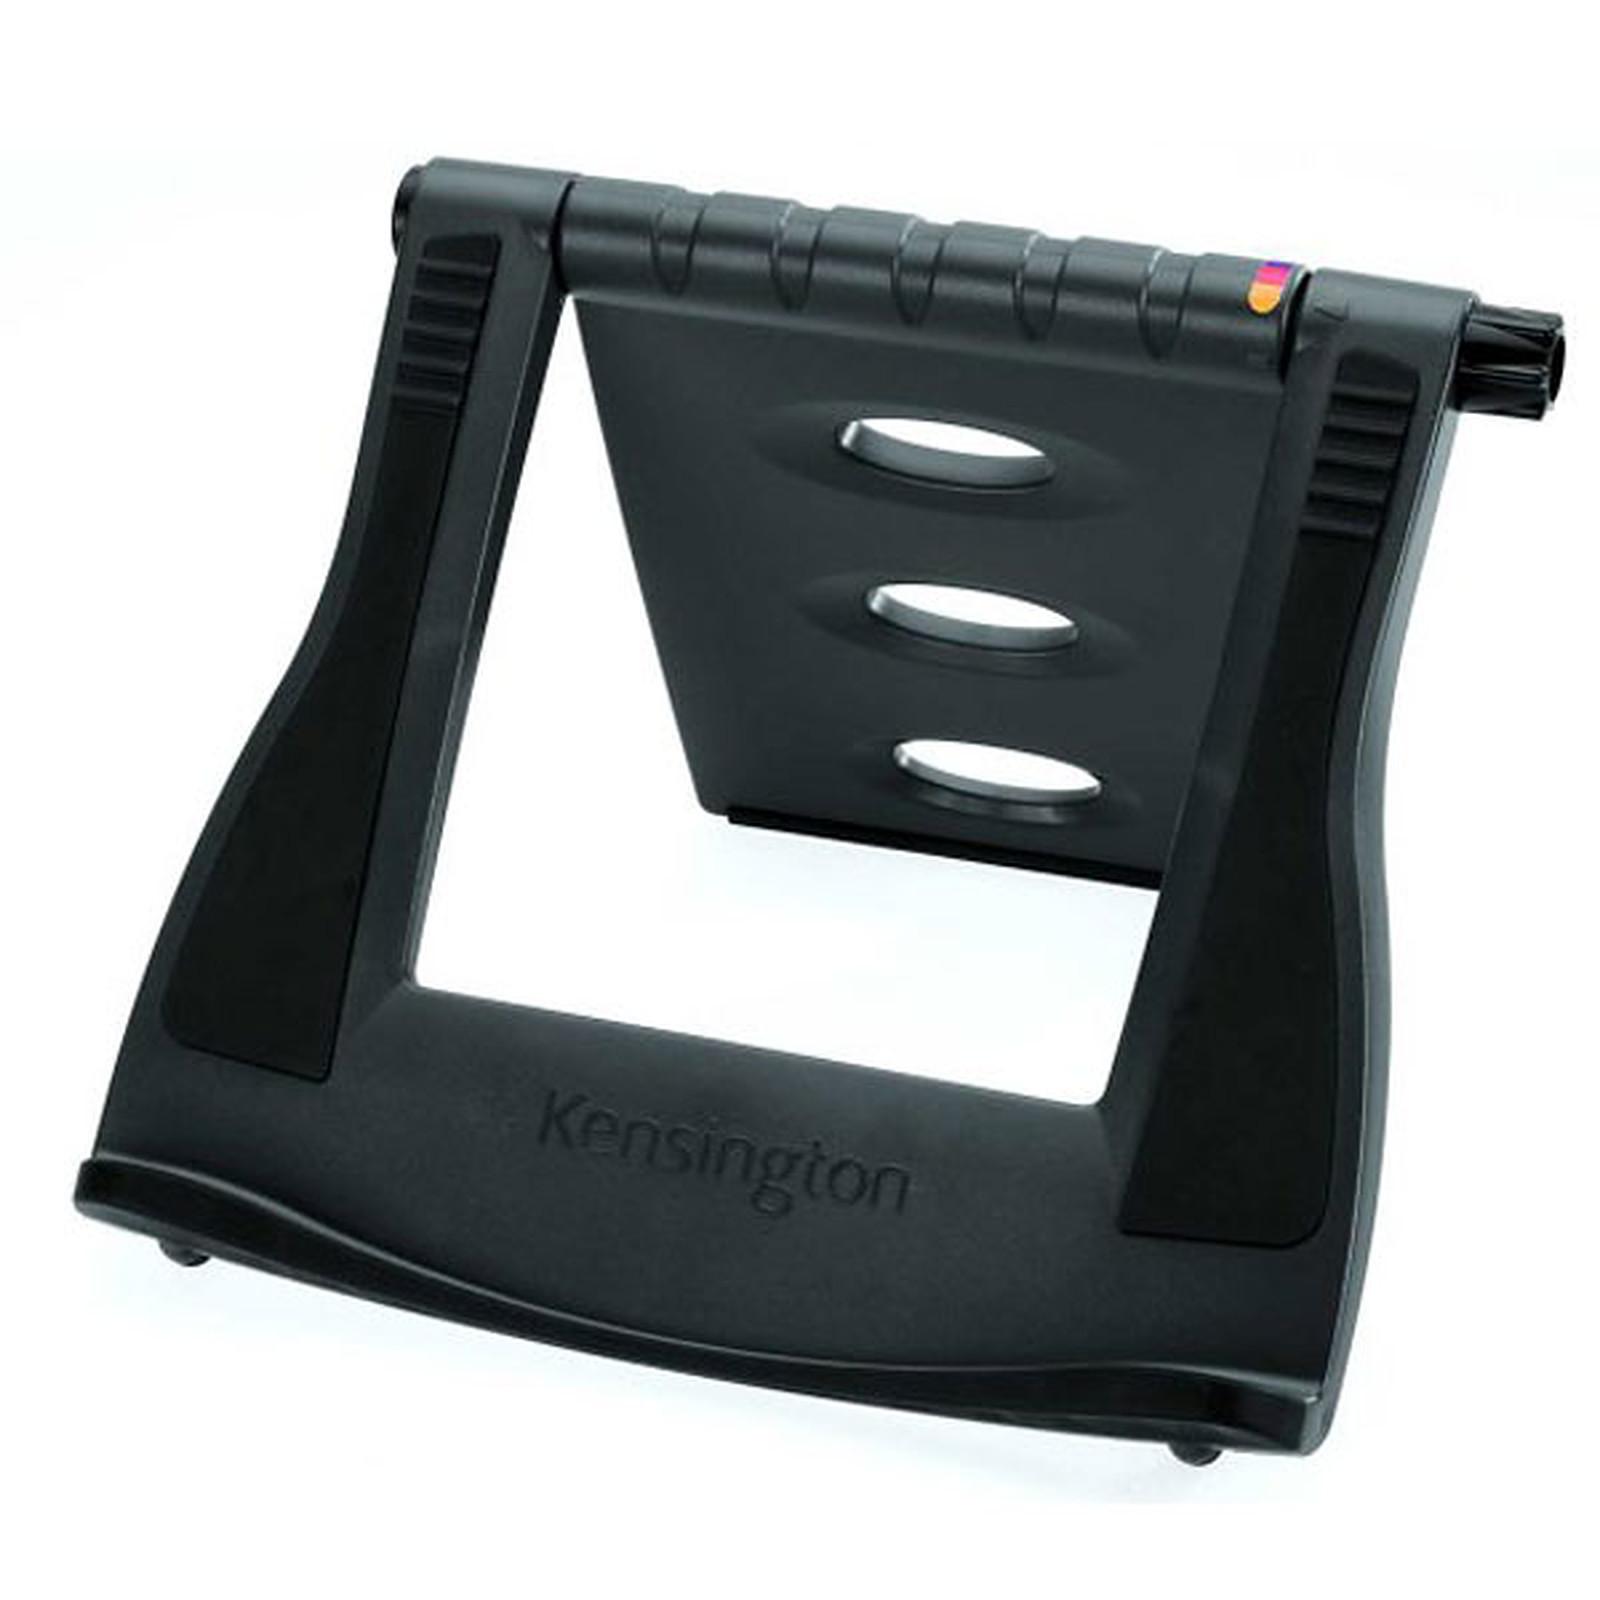 kensington smartfit easy riser laptop stand accessoires pc portable kensington sur. Black Bedroom Furniture Sets. Home Design Ideas